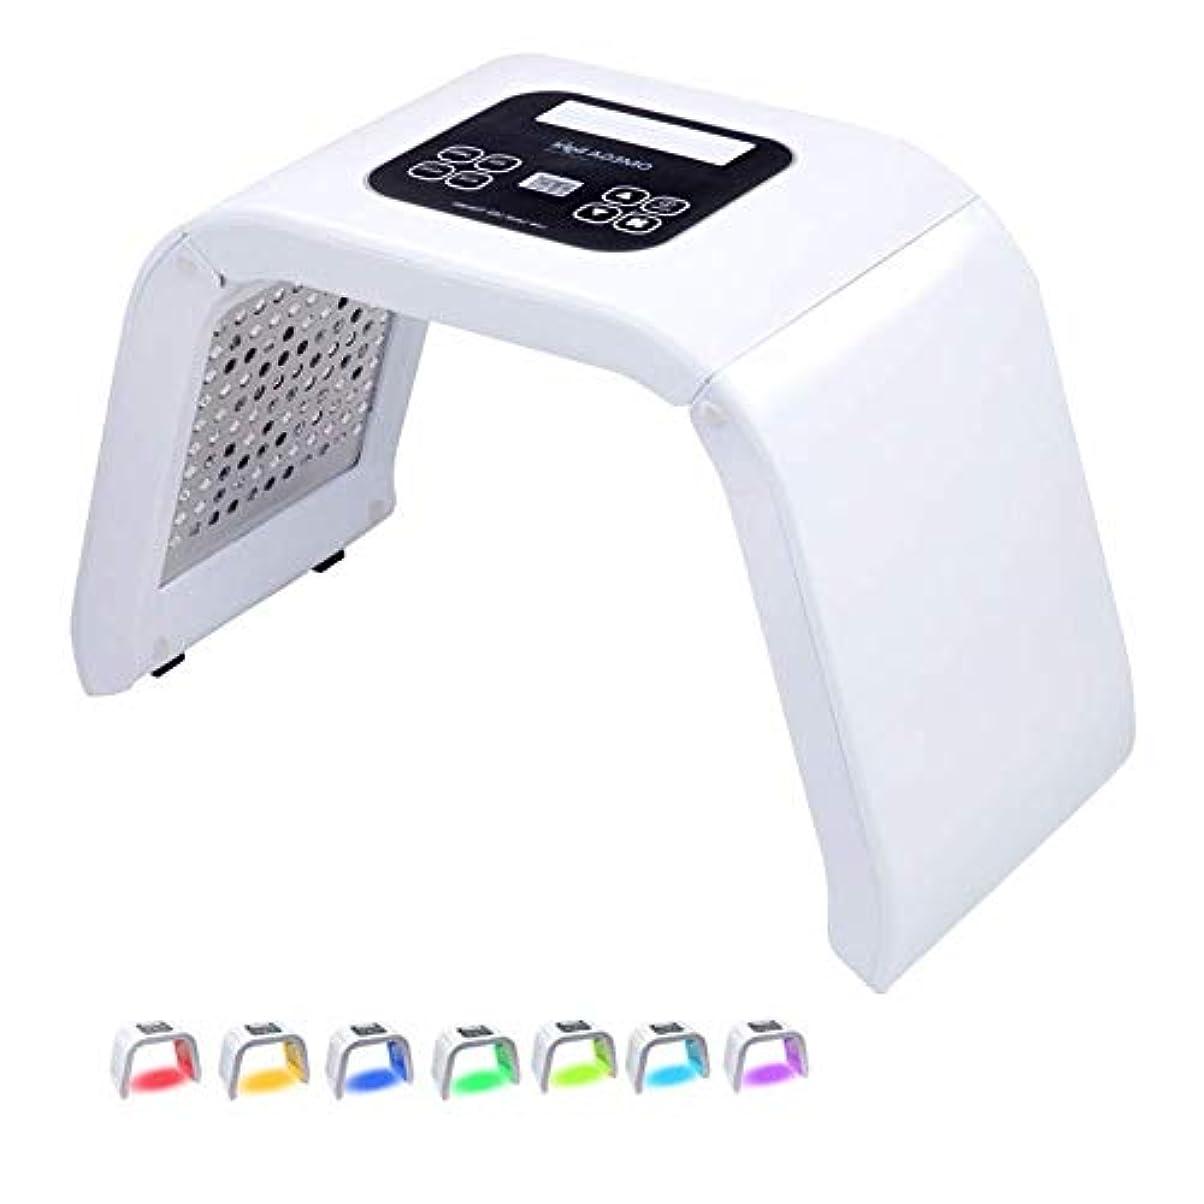 破滅的なシロクマコメンテーター7色顔のスキンケアデバイス美容機器電気フェイスタイトホワイトニングリフティング光線療法分光器PDT / LED